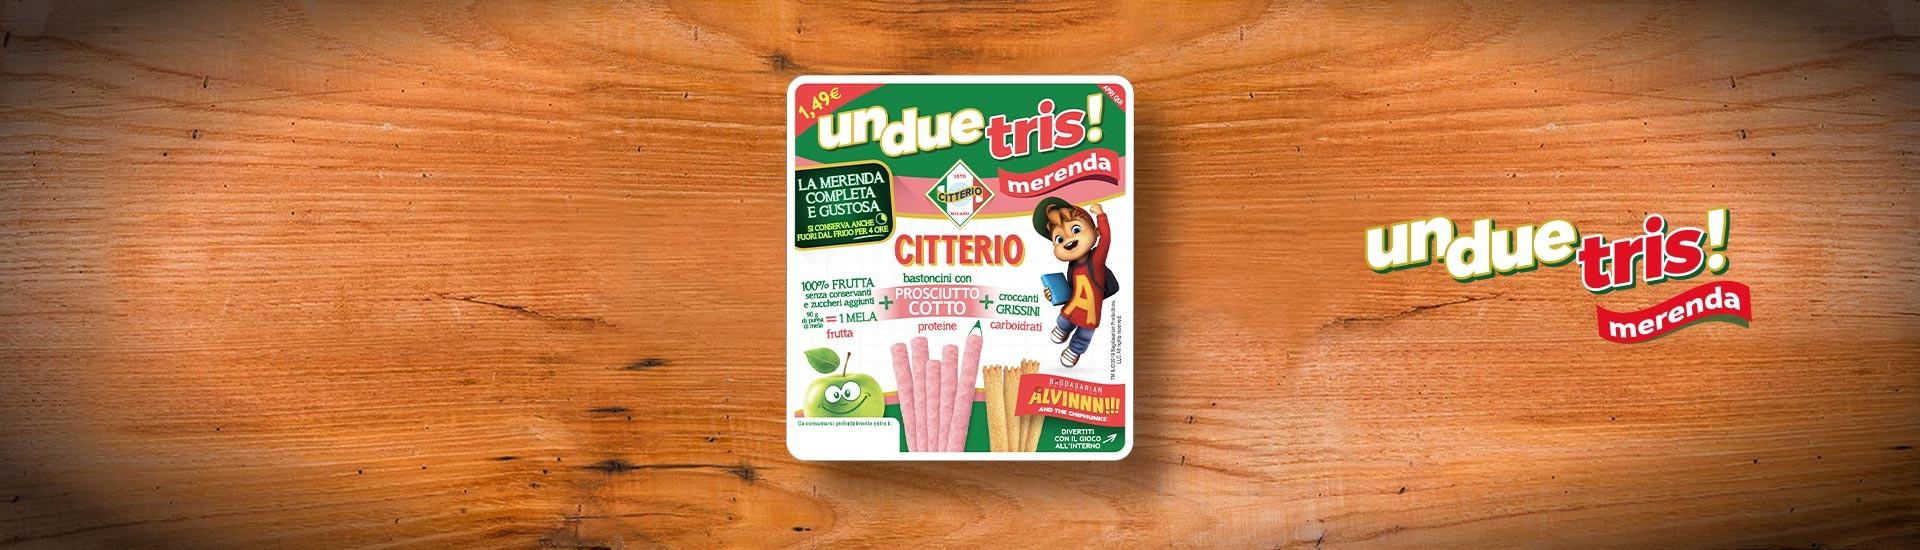 citterio-cover-unduetriscotto.jpg